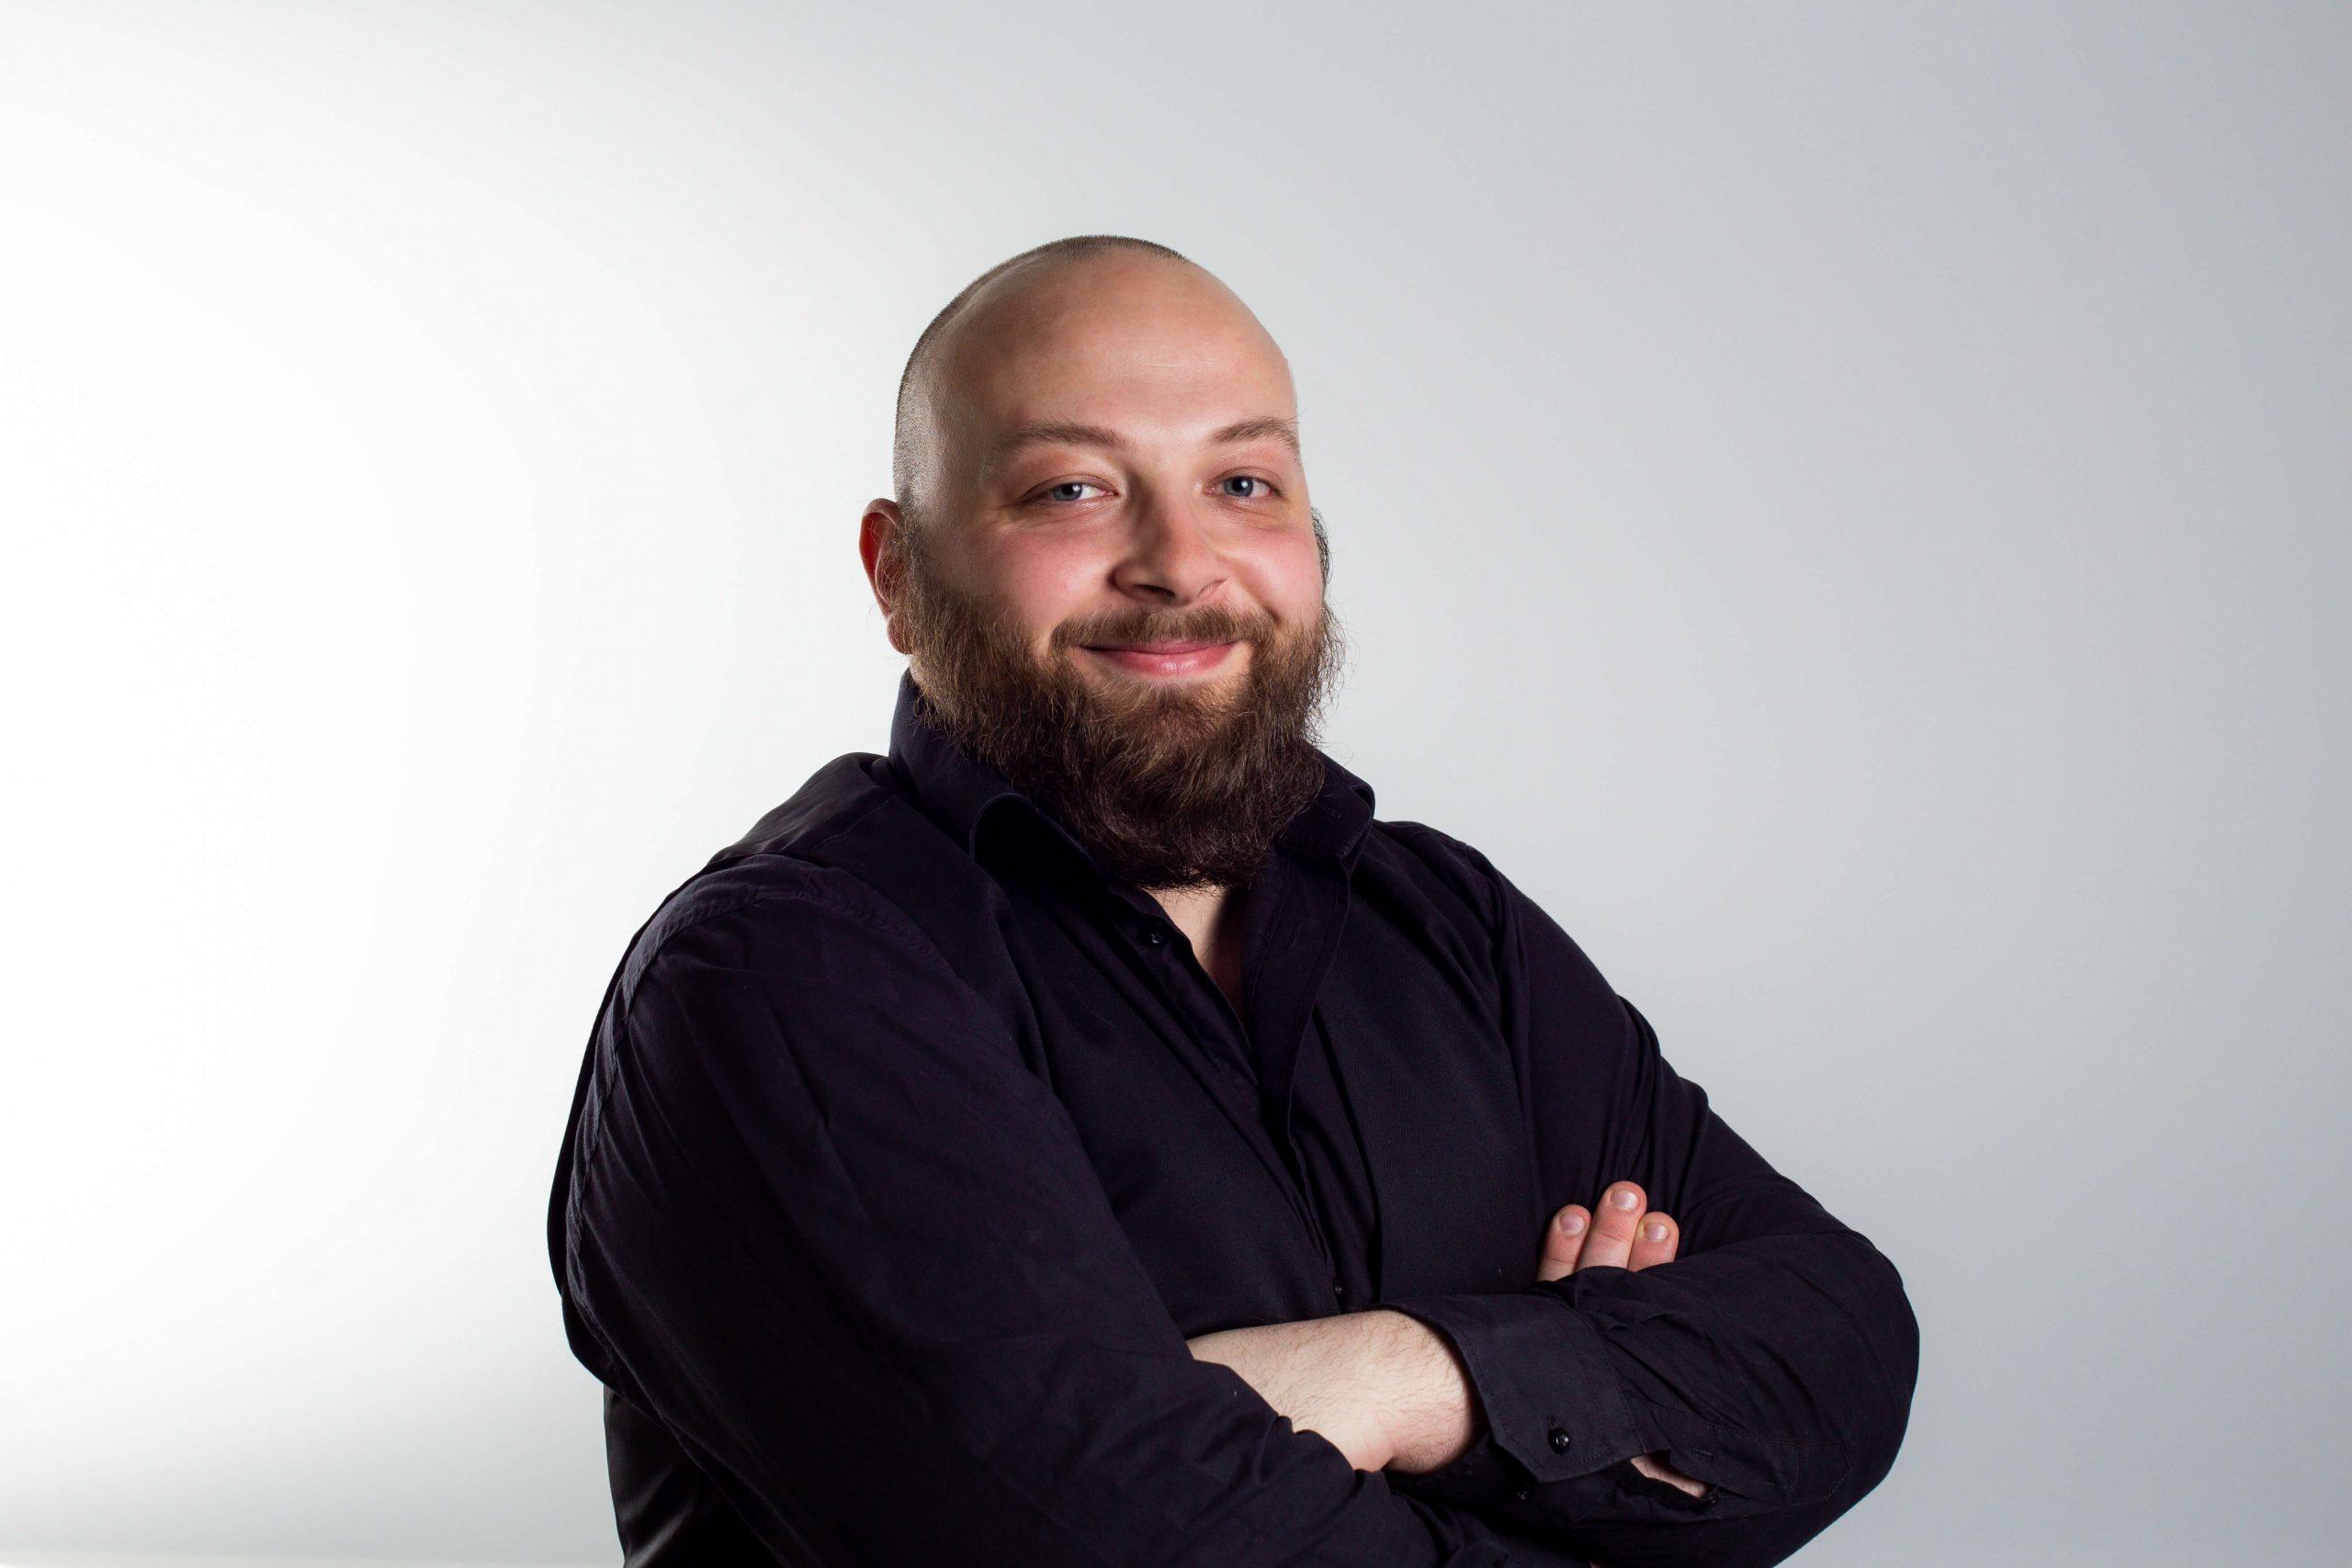 David Nechi